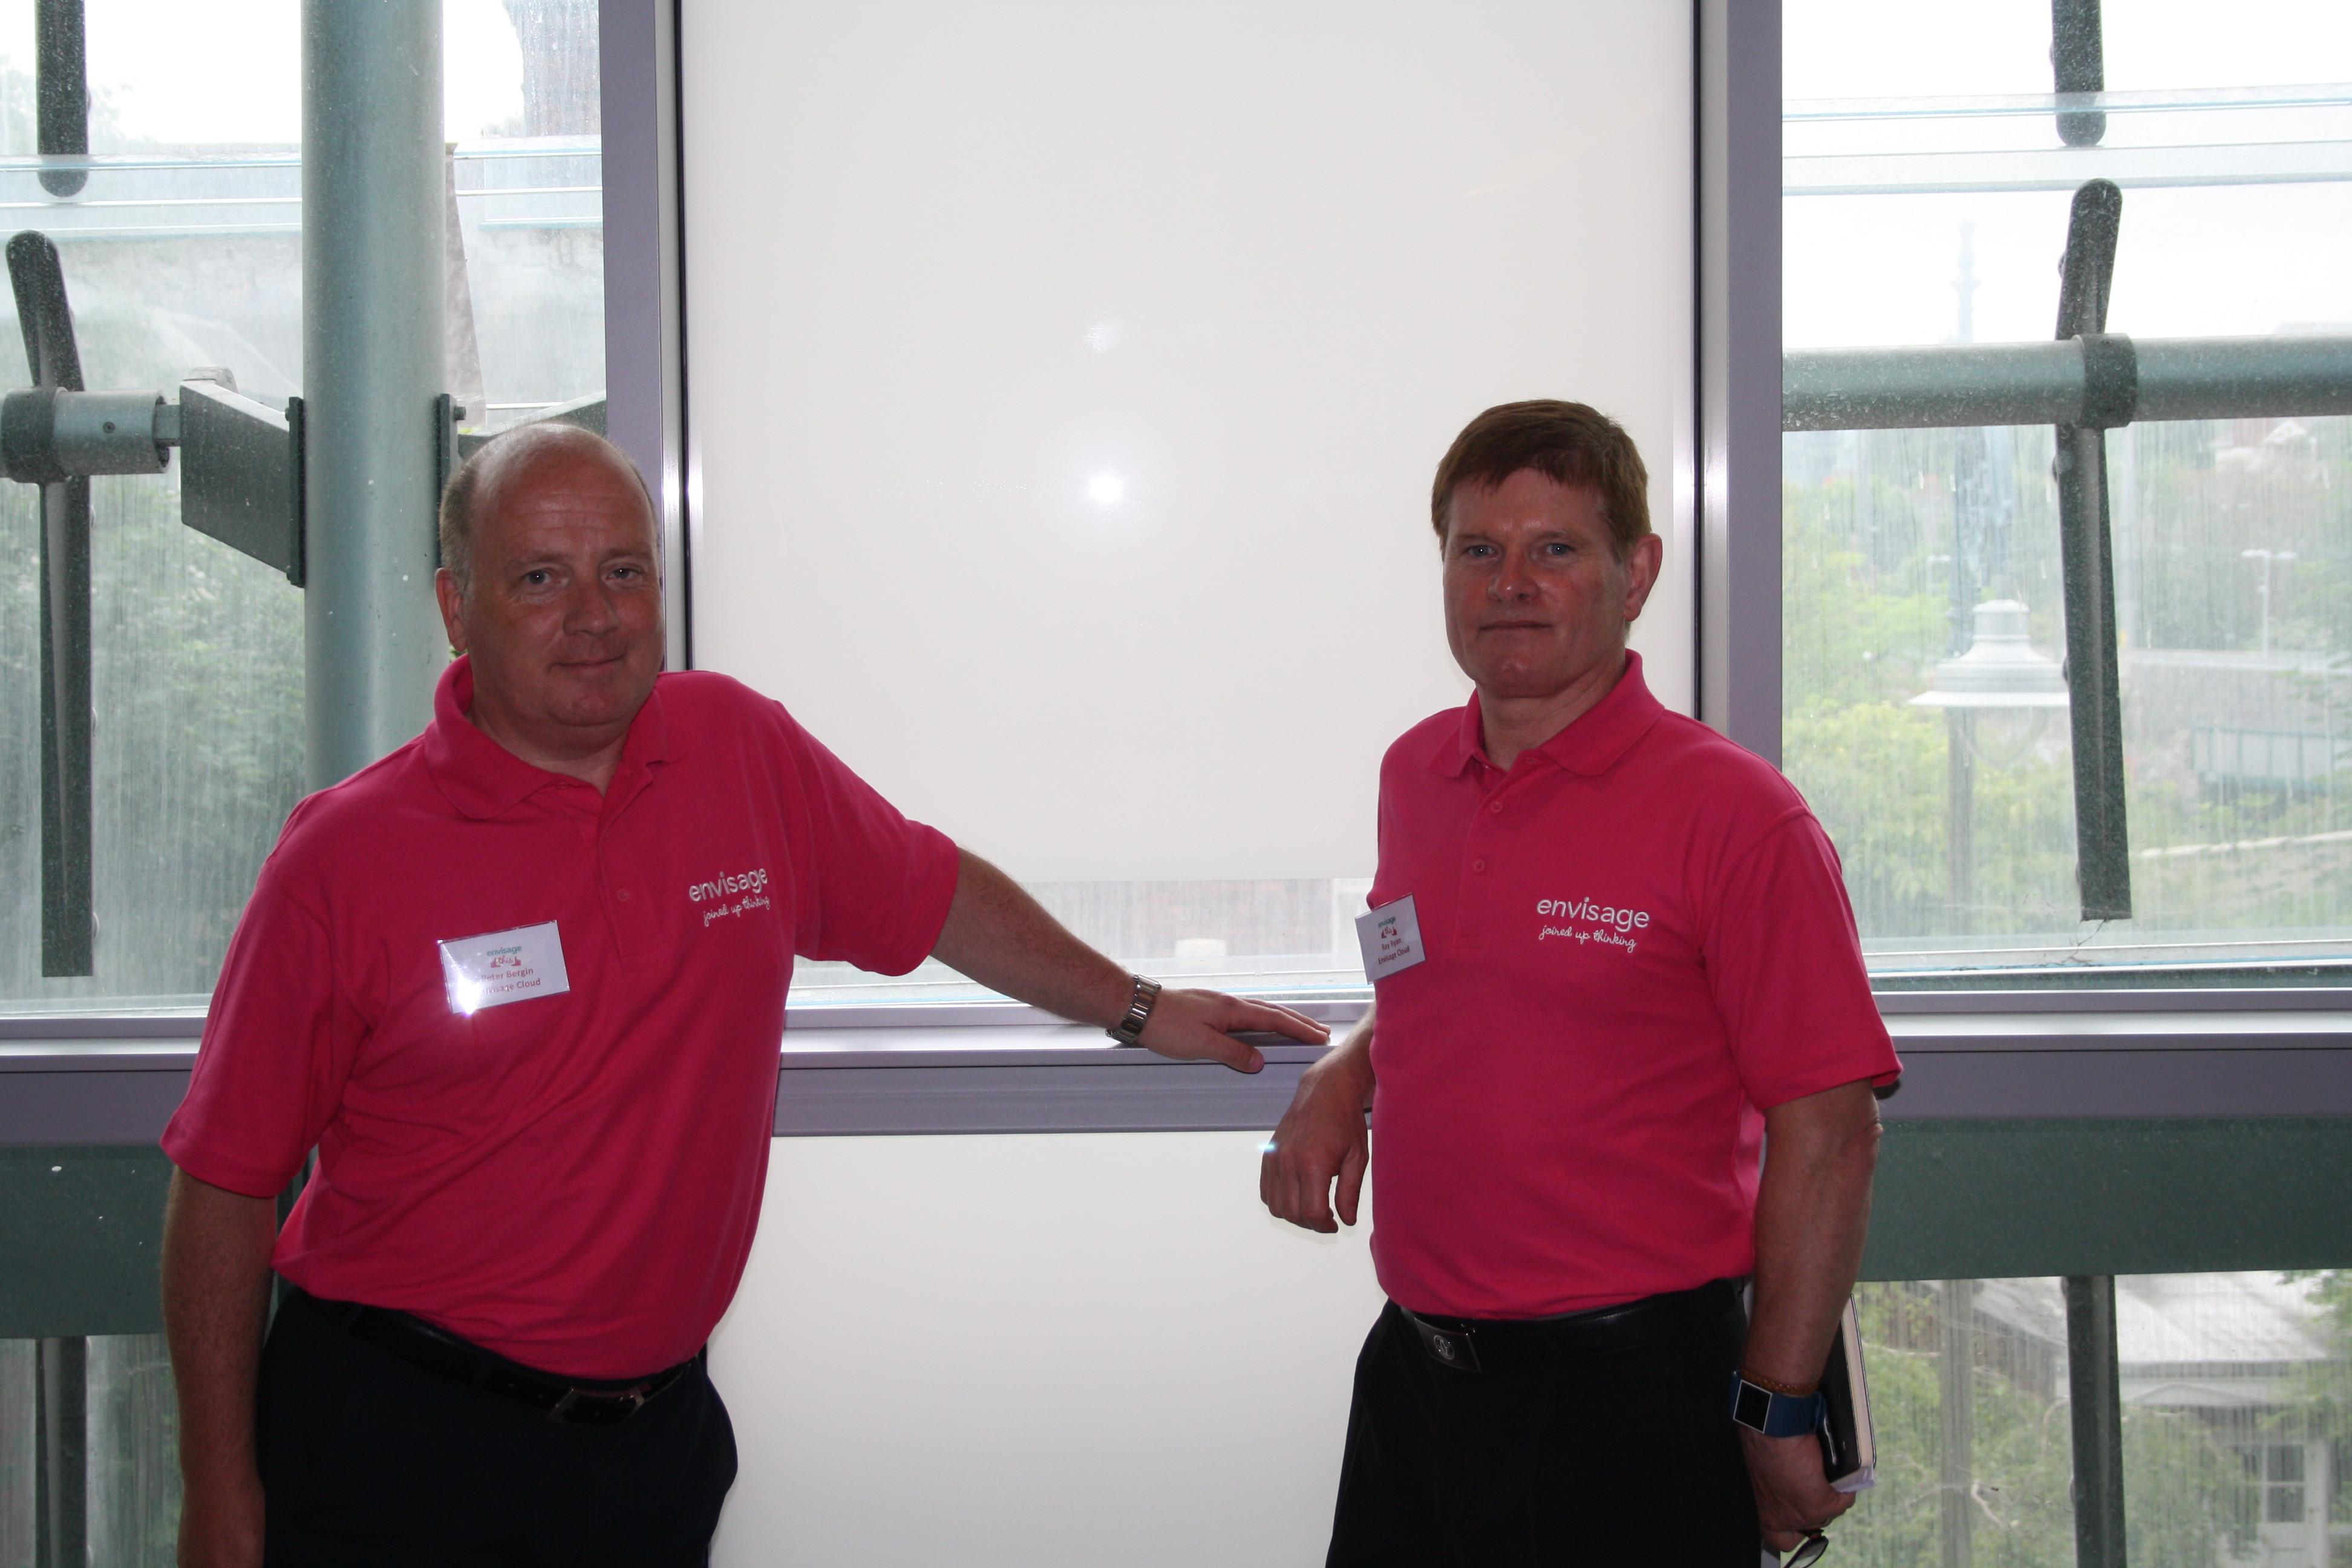 Ray Ryan and Peter Bergin, Envisage Cloud